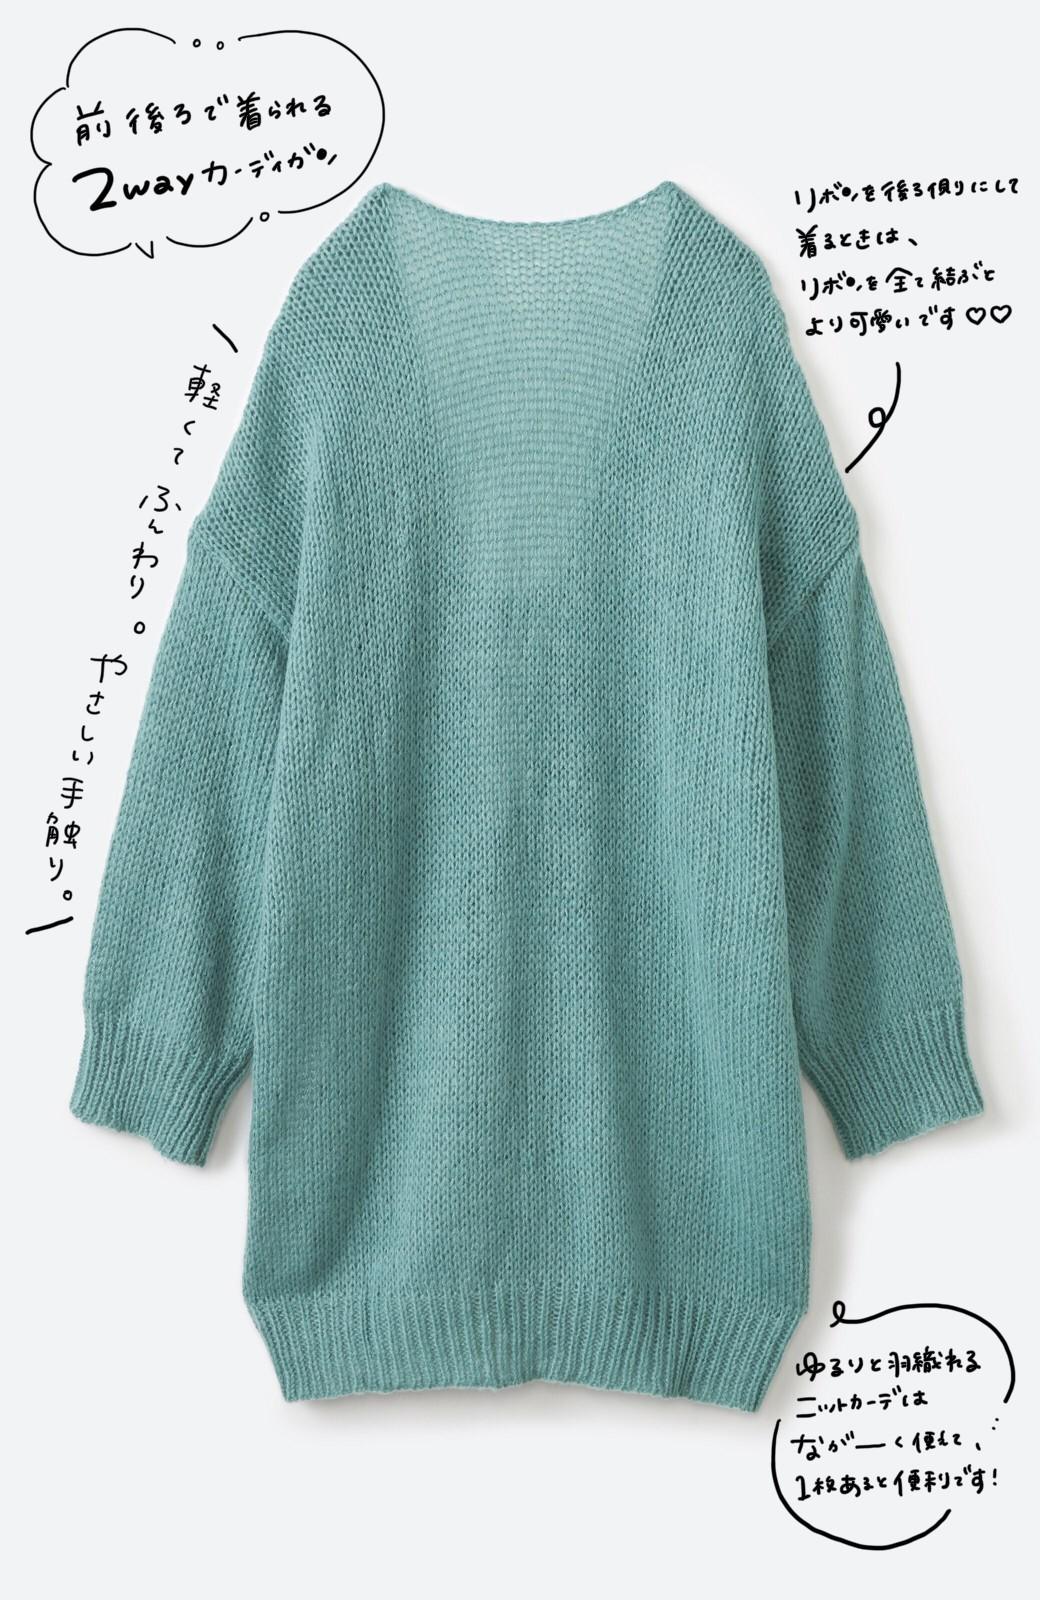 haco! ゆるゆるゆる編みで軽やかにかわいくなれる 前後ろ2WAYカーディガン <ミント>の商品写真3